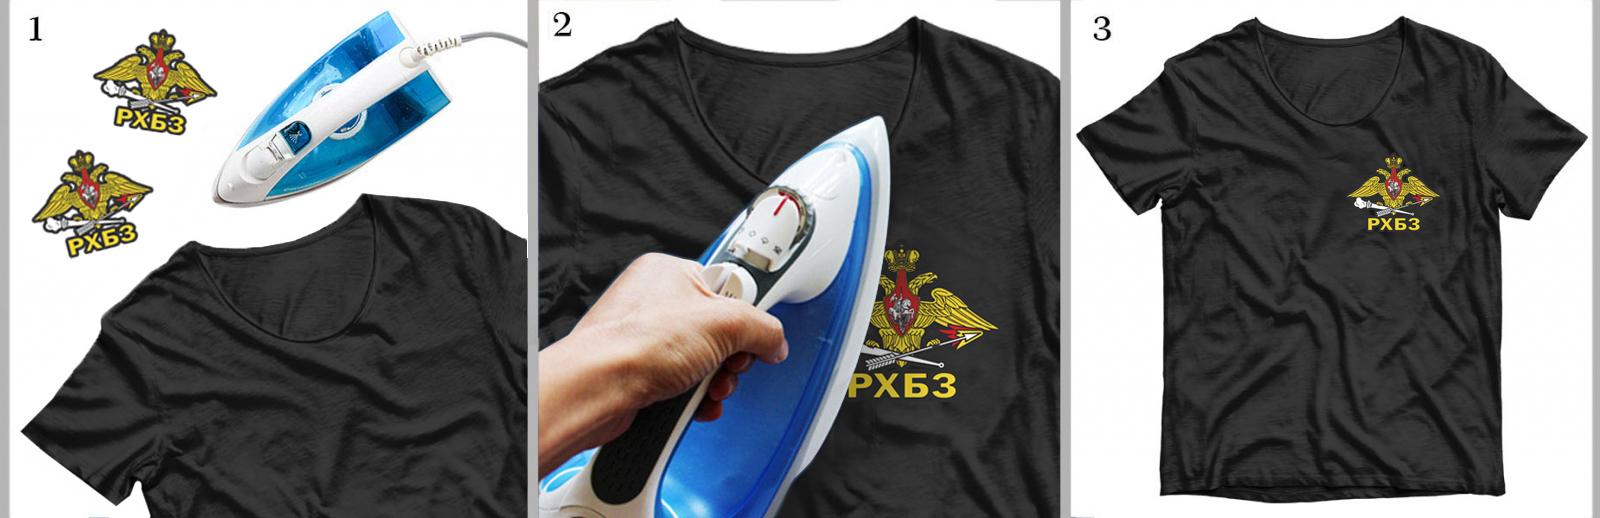 Купить крутую наклейку-термотрансфер на футболку РХБЗ оптом или в розницу